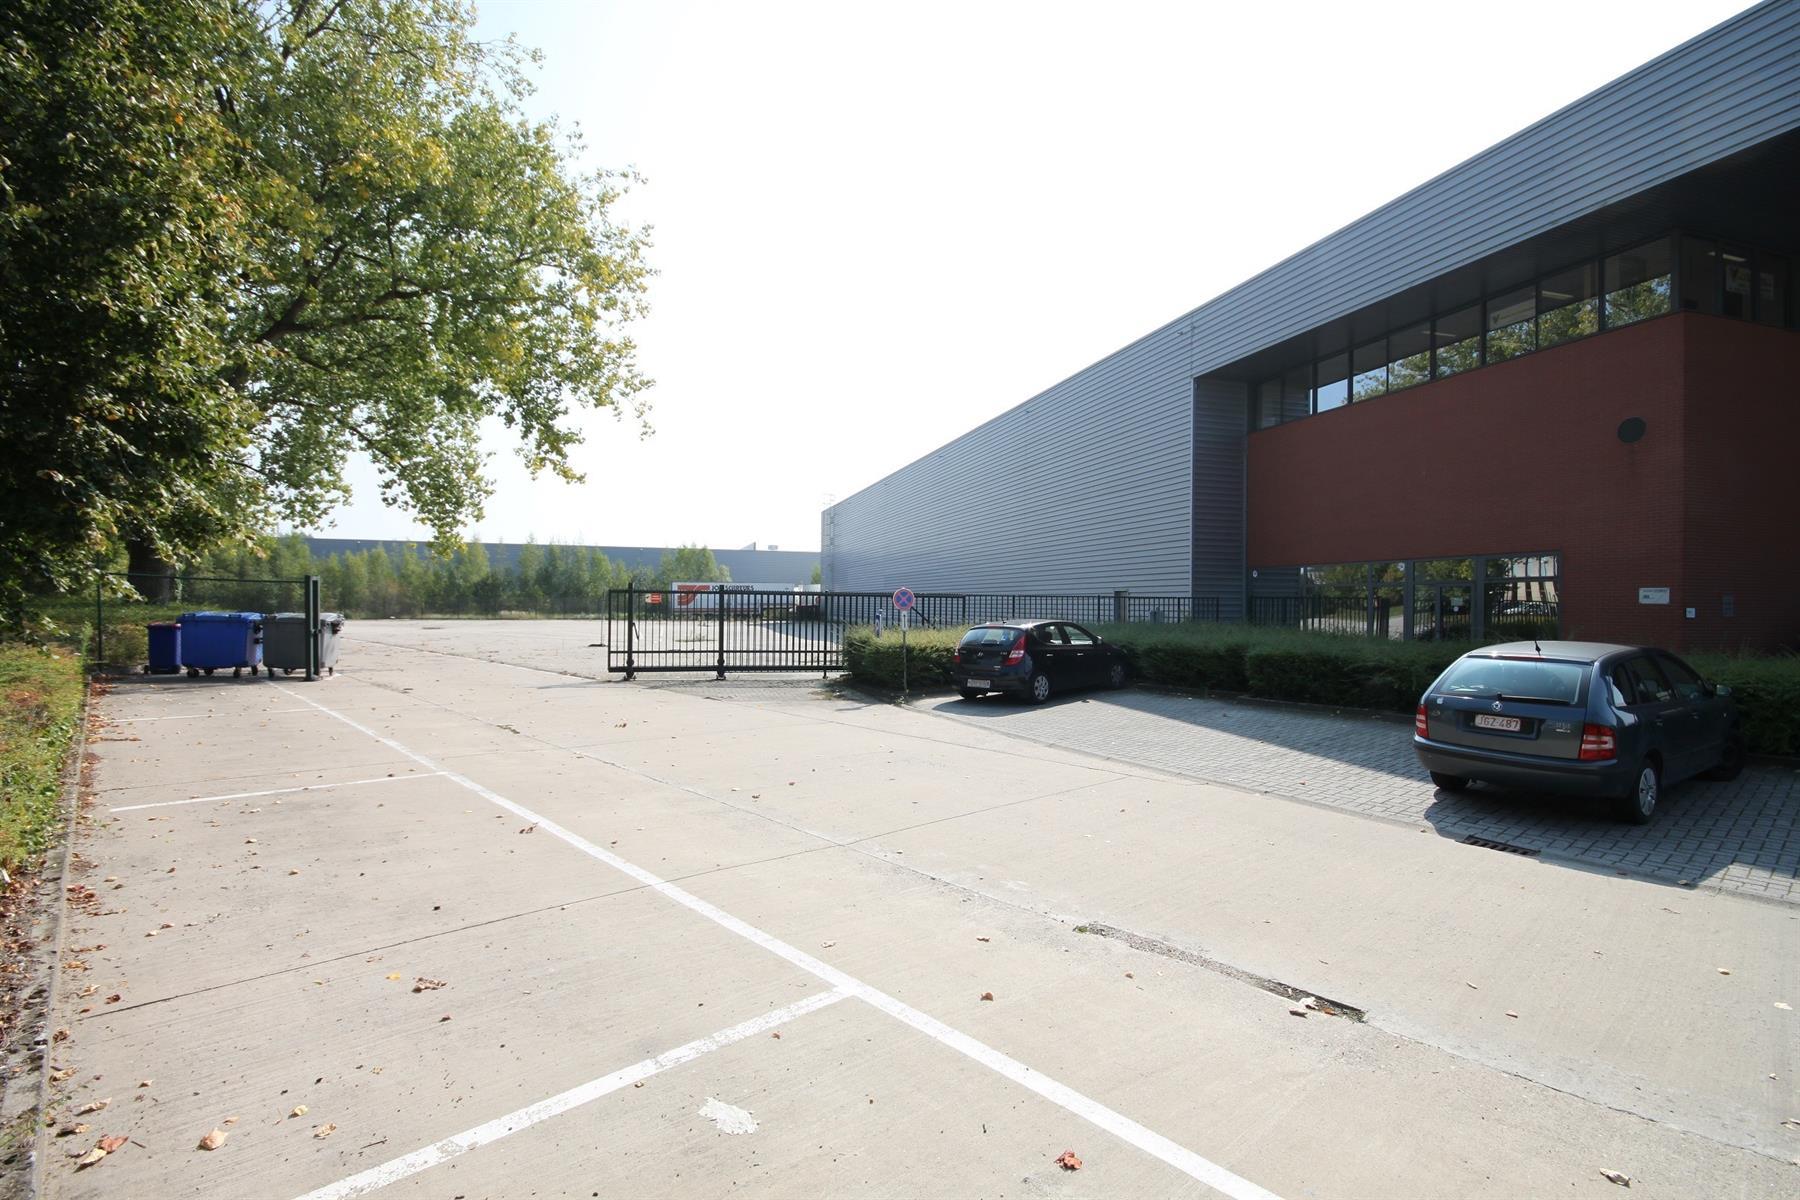 kantoor te huur I150 - Molenberglei 8, 2627 Schelle, België 3